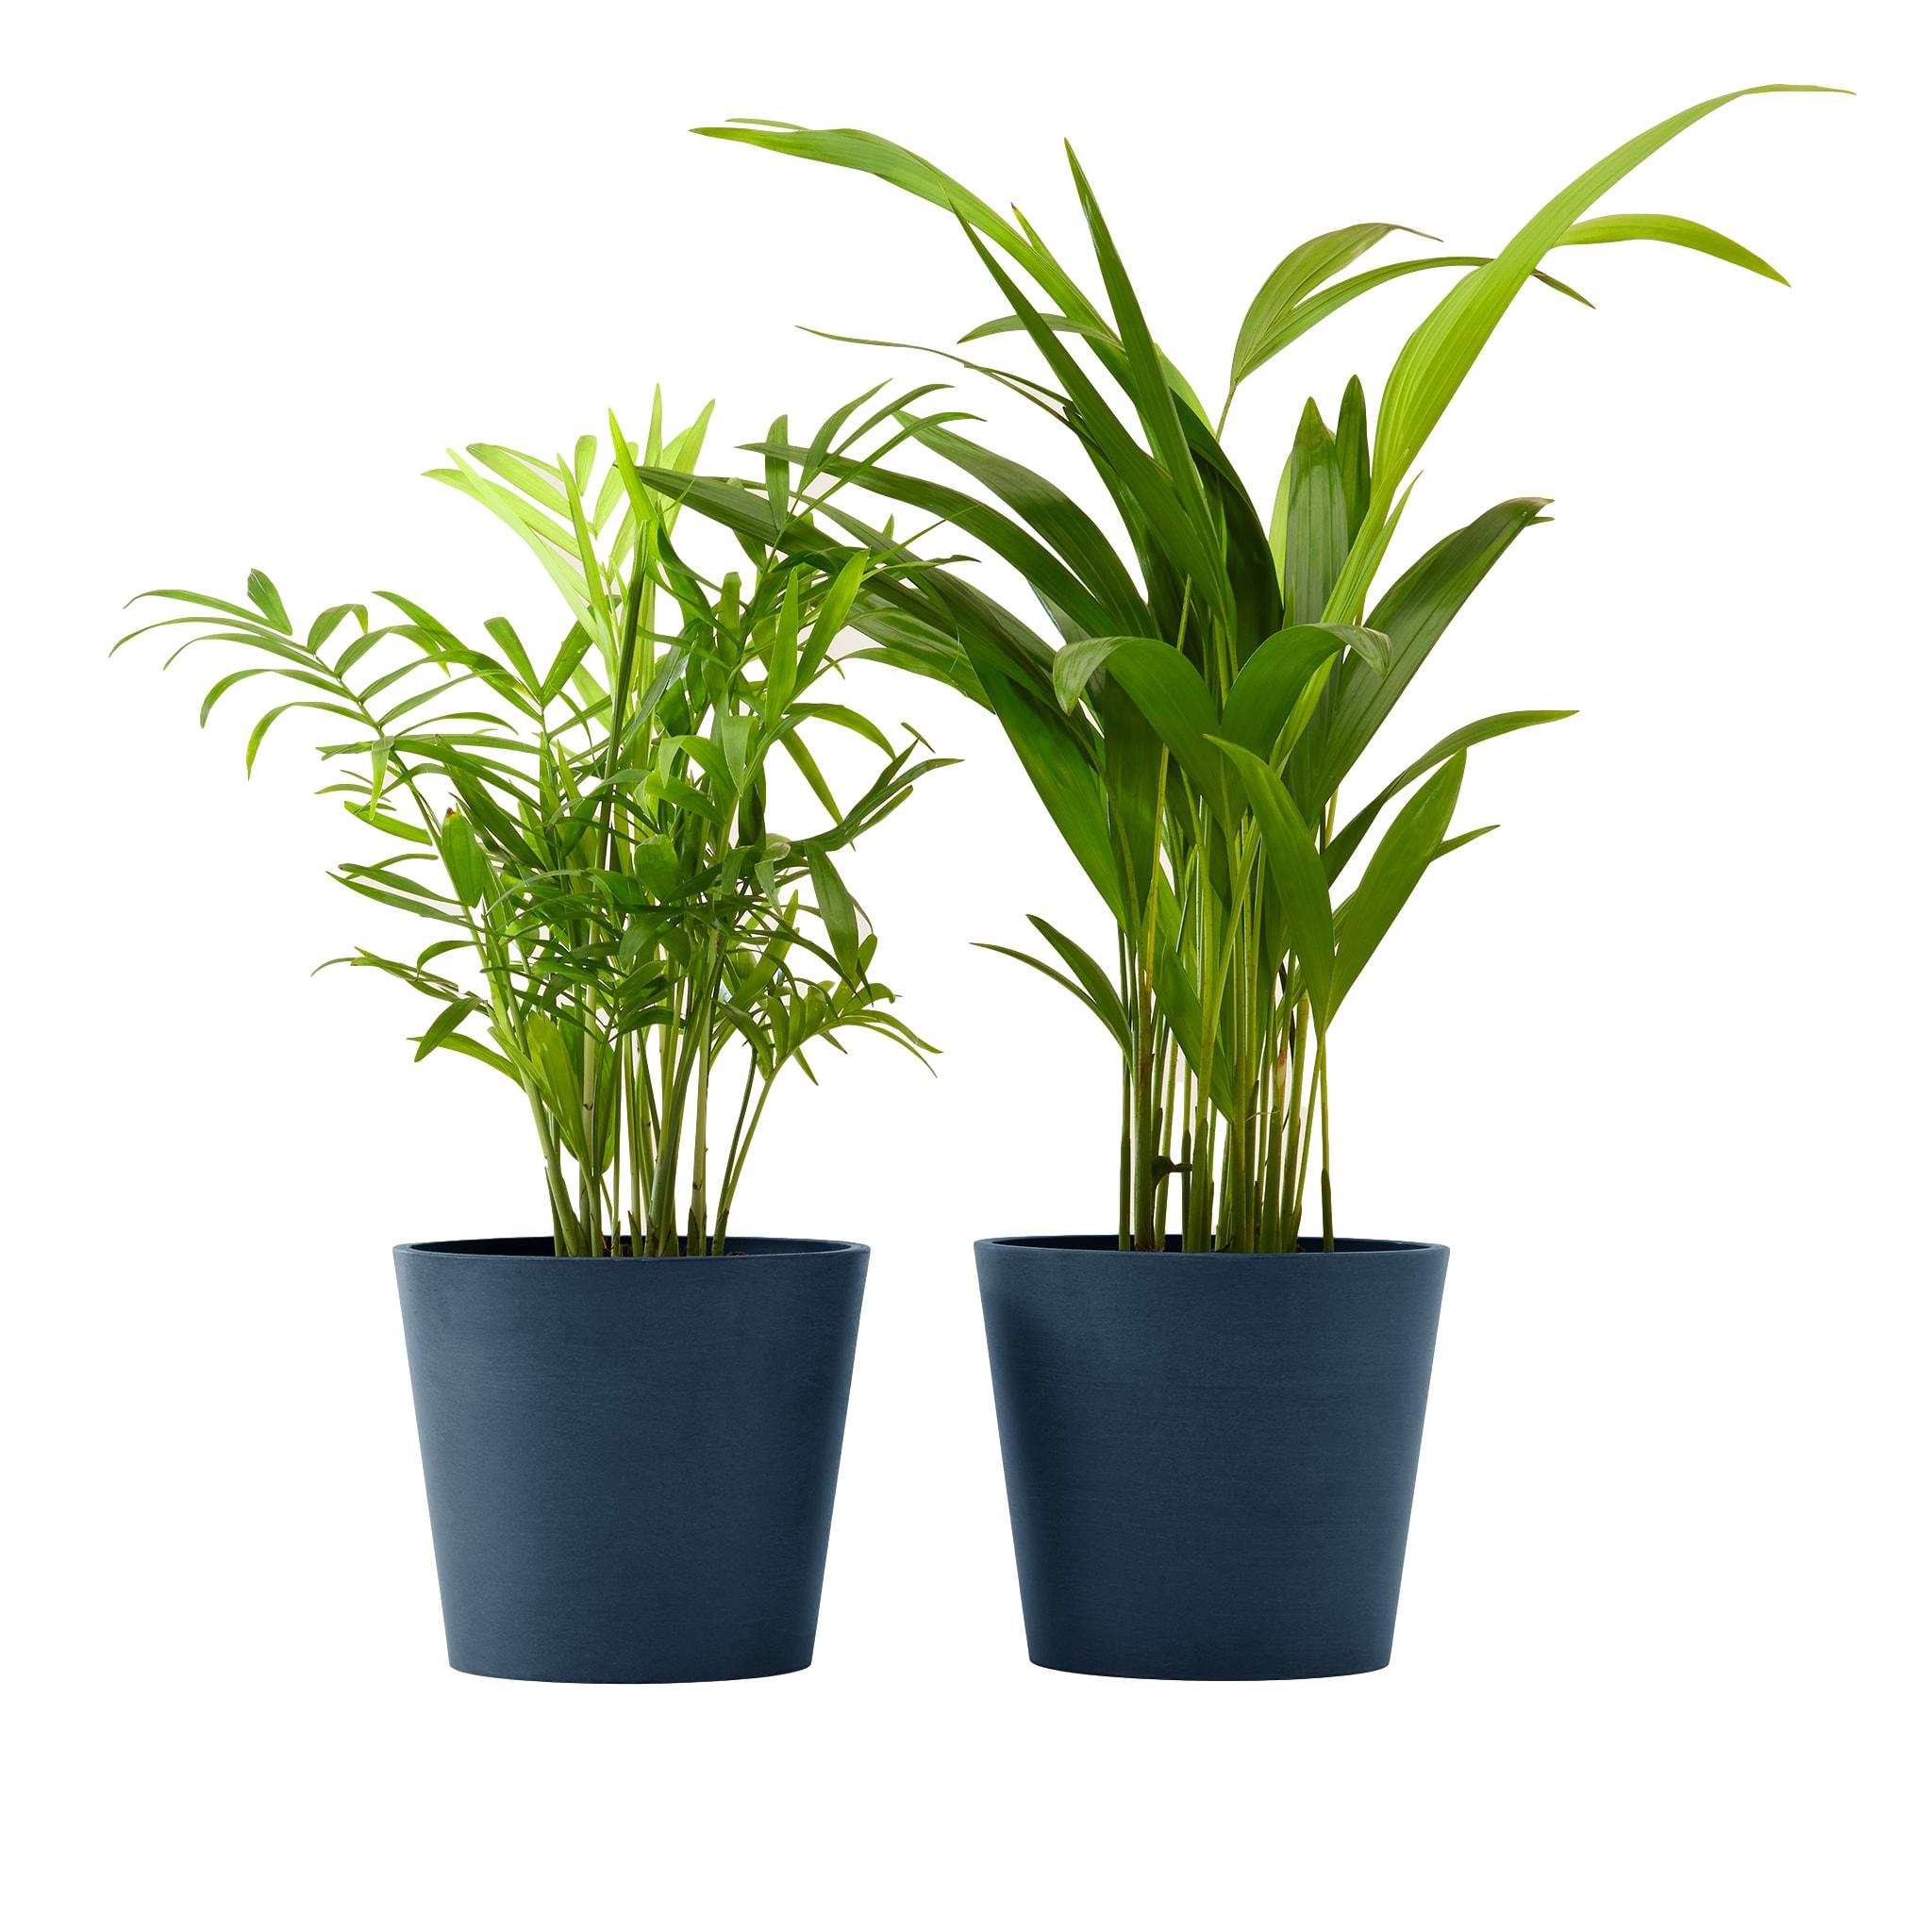 Plante x2 - Palmier areca et chamedora 40 cm pot bleu nuit